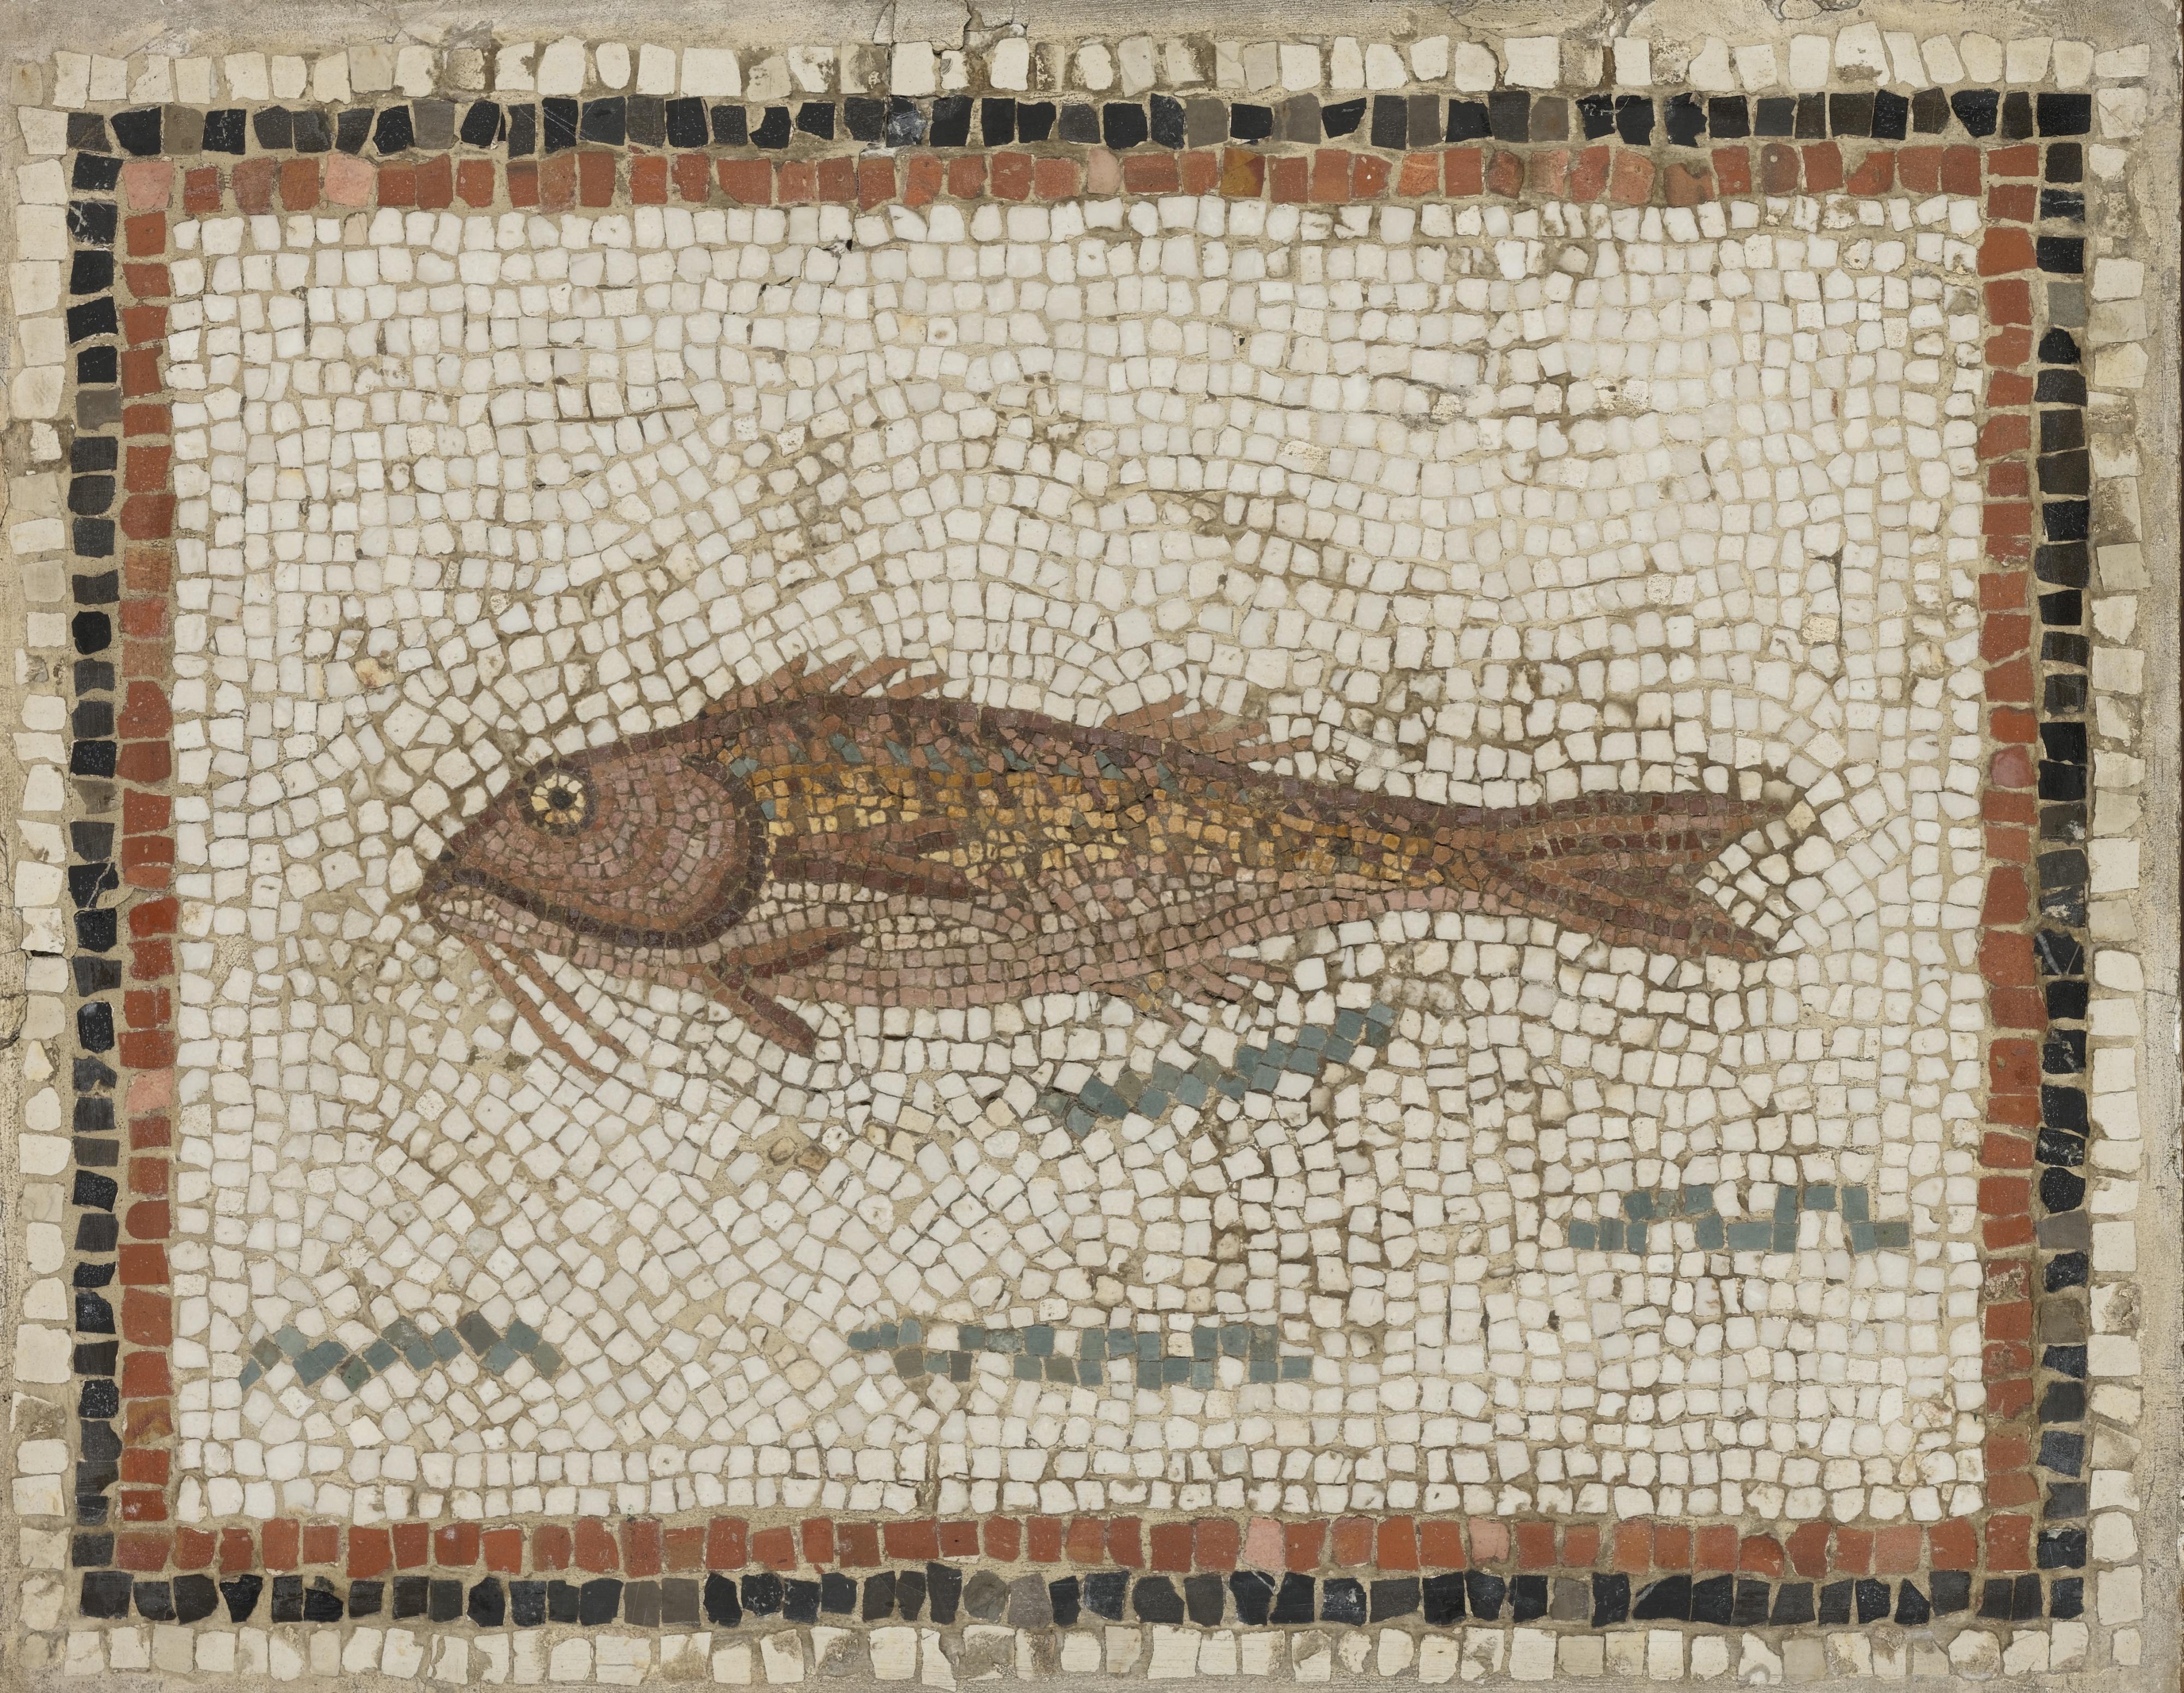 Рыба Барабулька римская мозаика пейзажи природы Альберт Сафиуллин